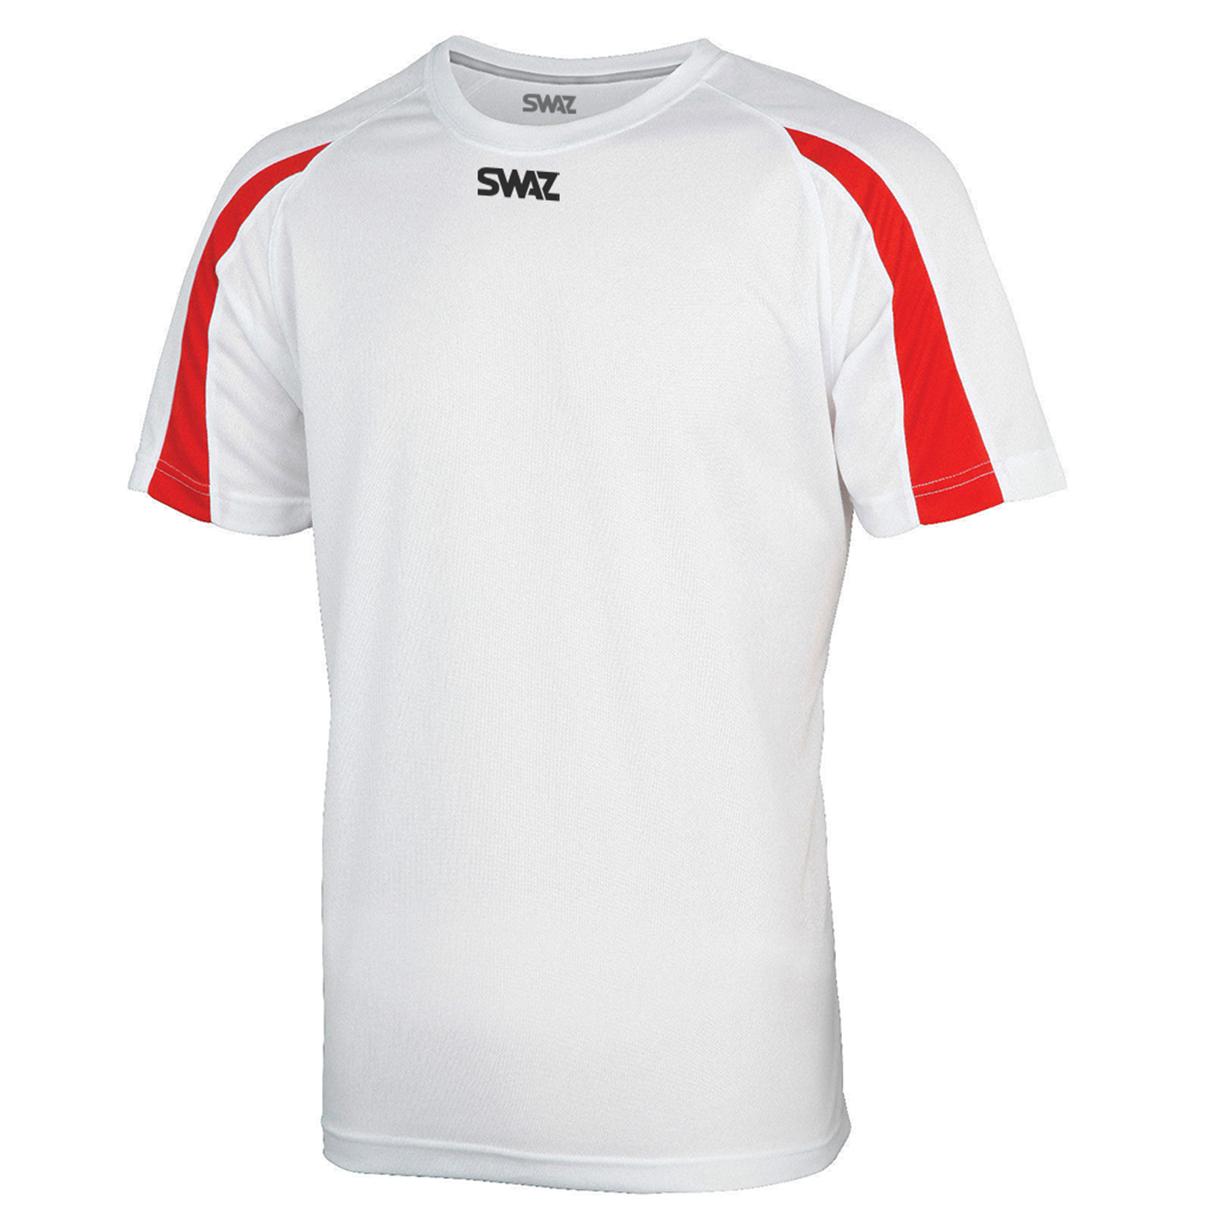 SWAZ Premier Training T-Shirt – White/Red